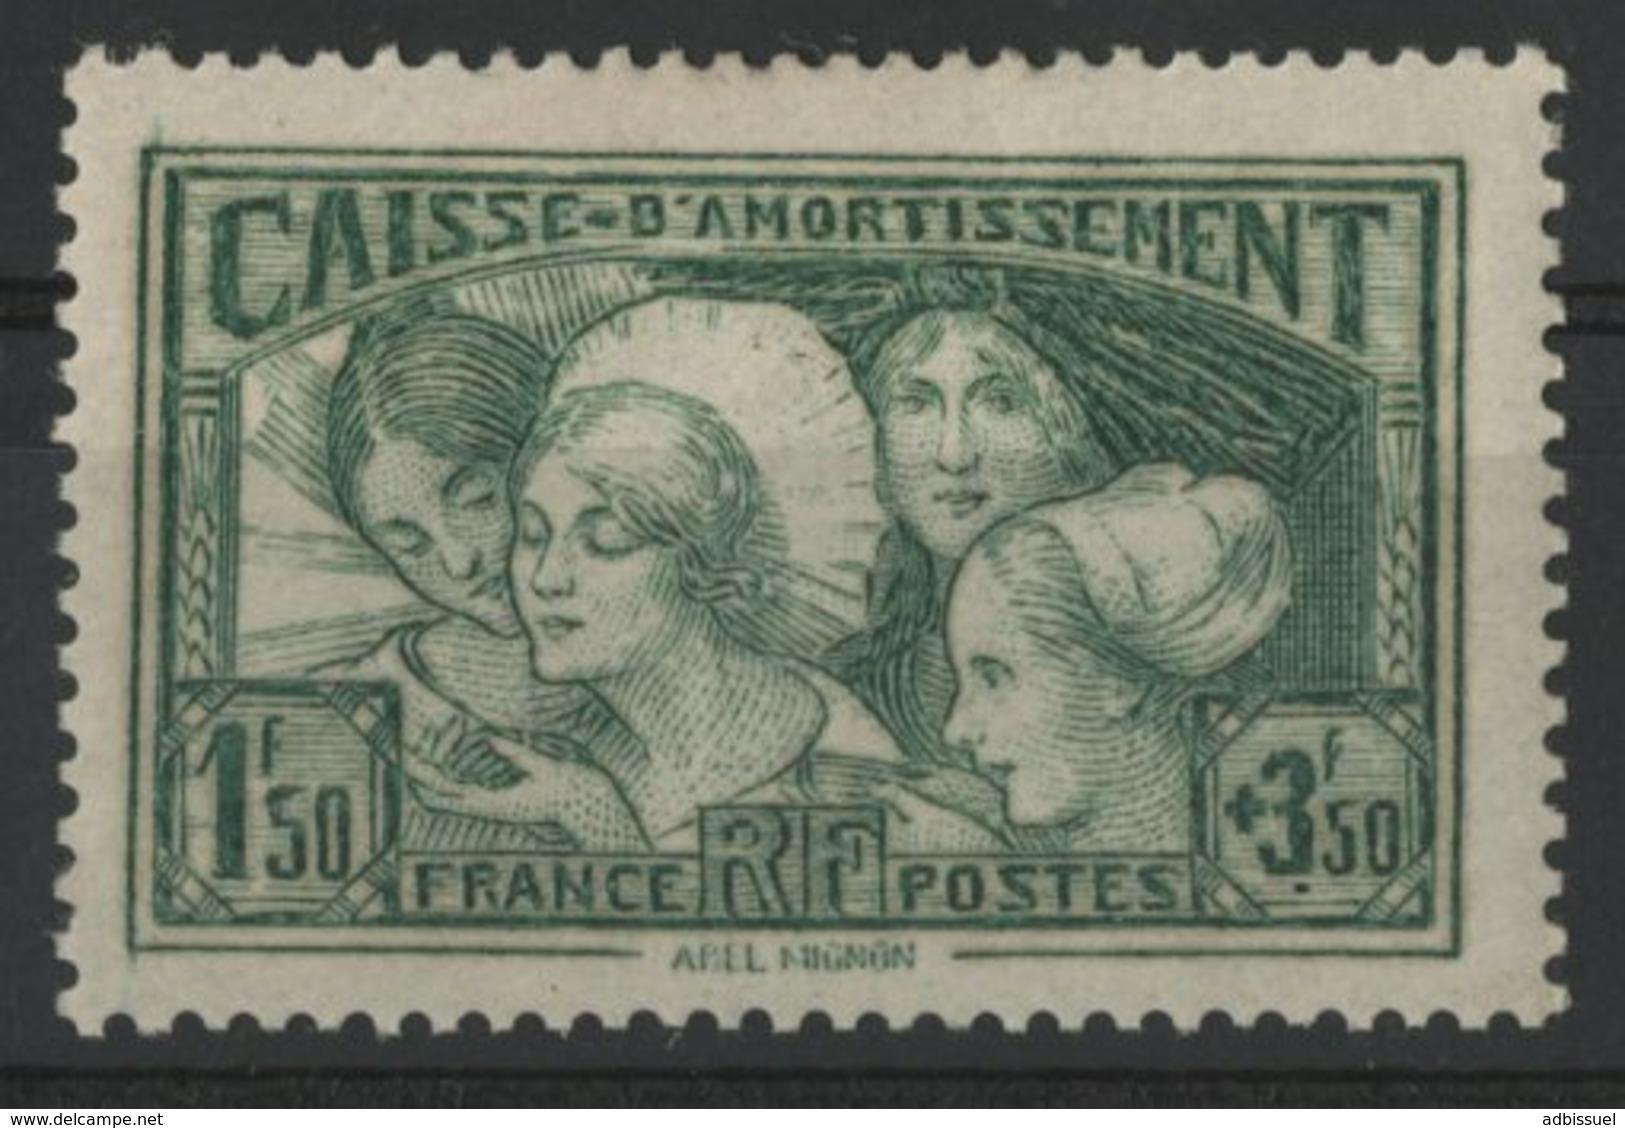 """N° 269 Cote 175 € Caisse D'amortissement """"Les Coiffes"""" Neuf Avec Charnière * (MH) - Cassa Di Ammortamento"""